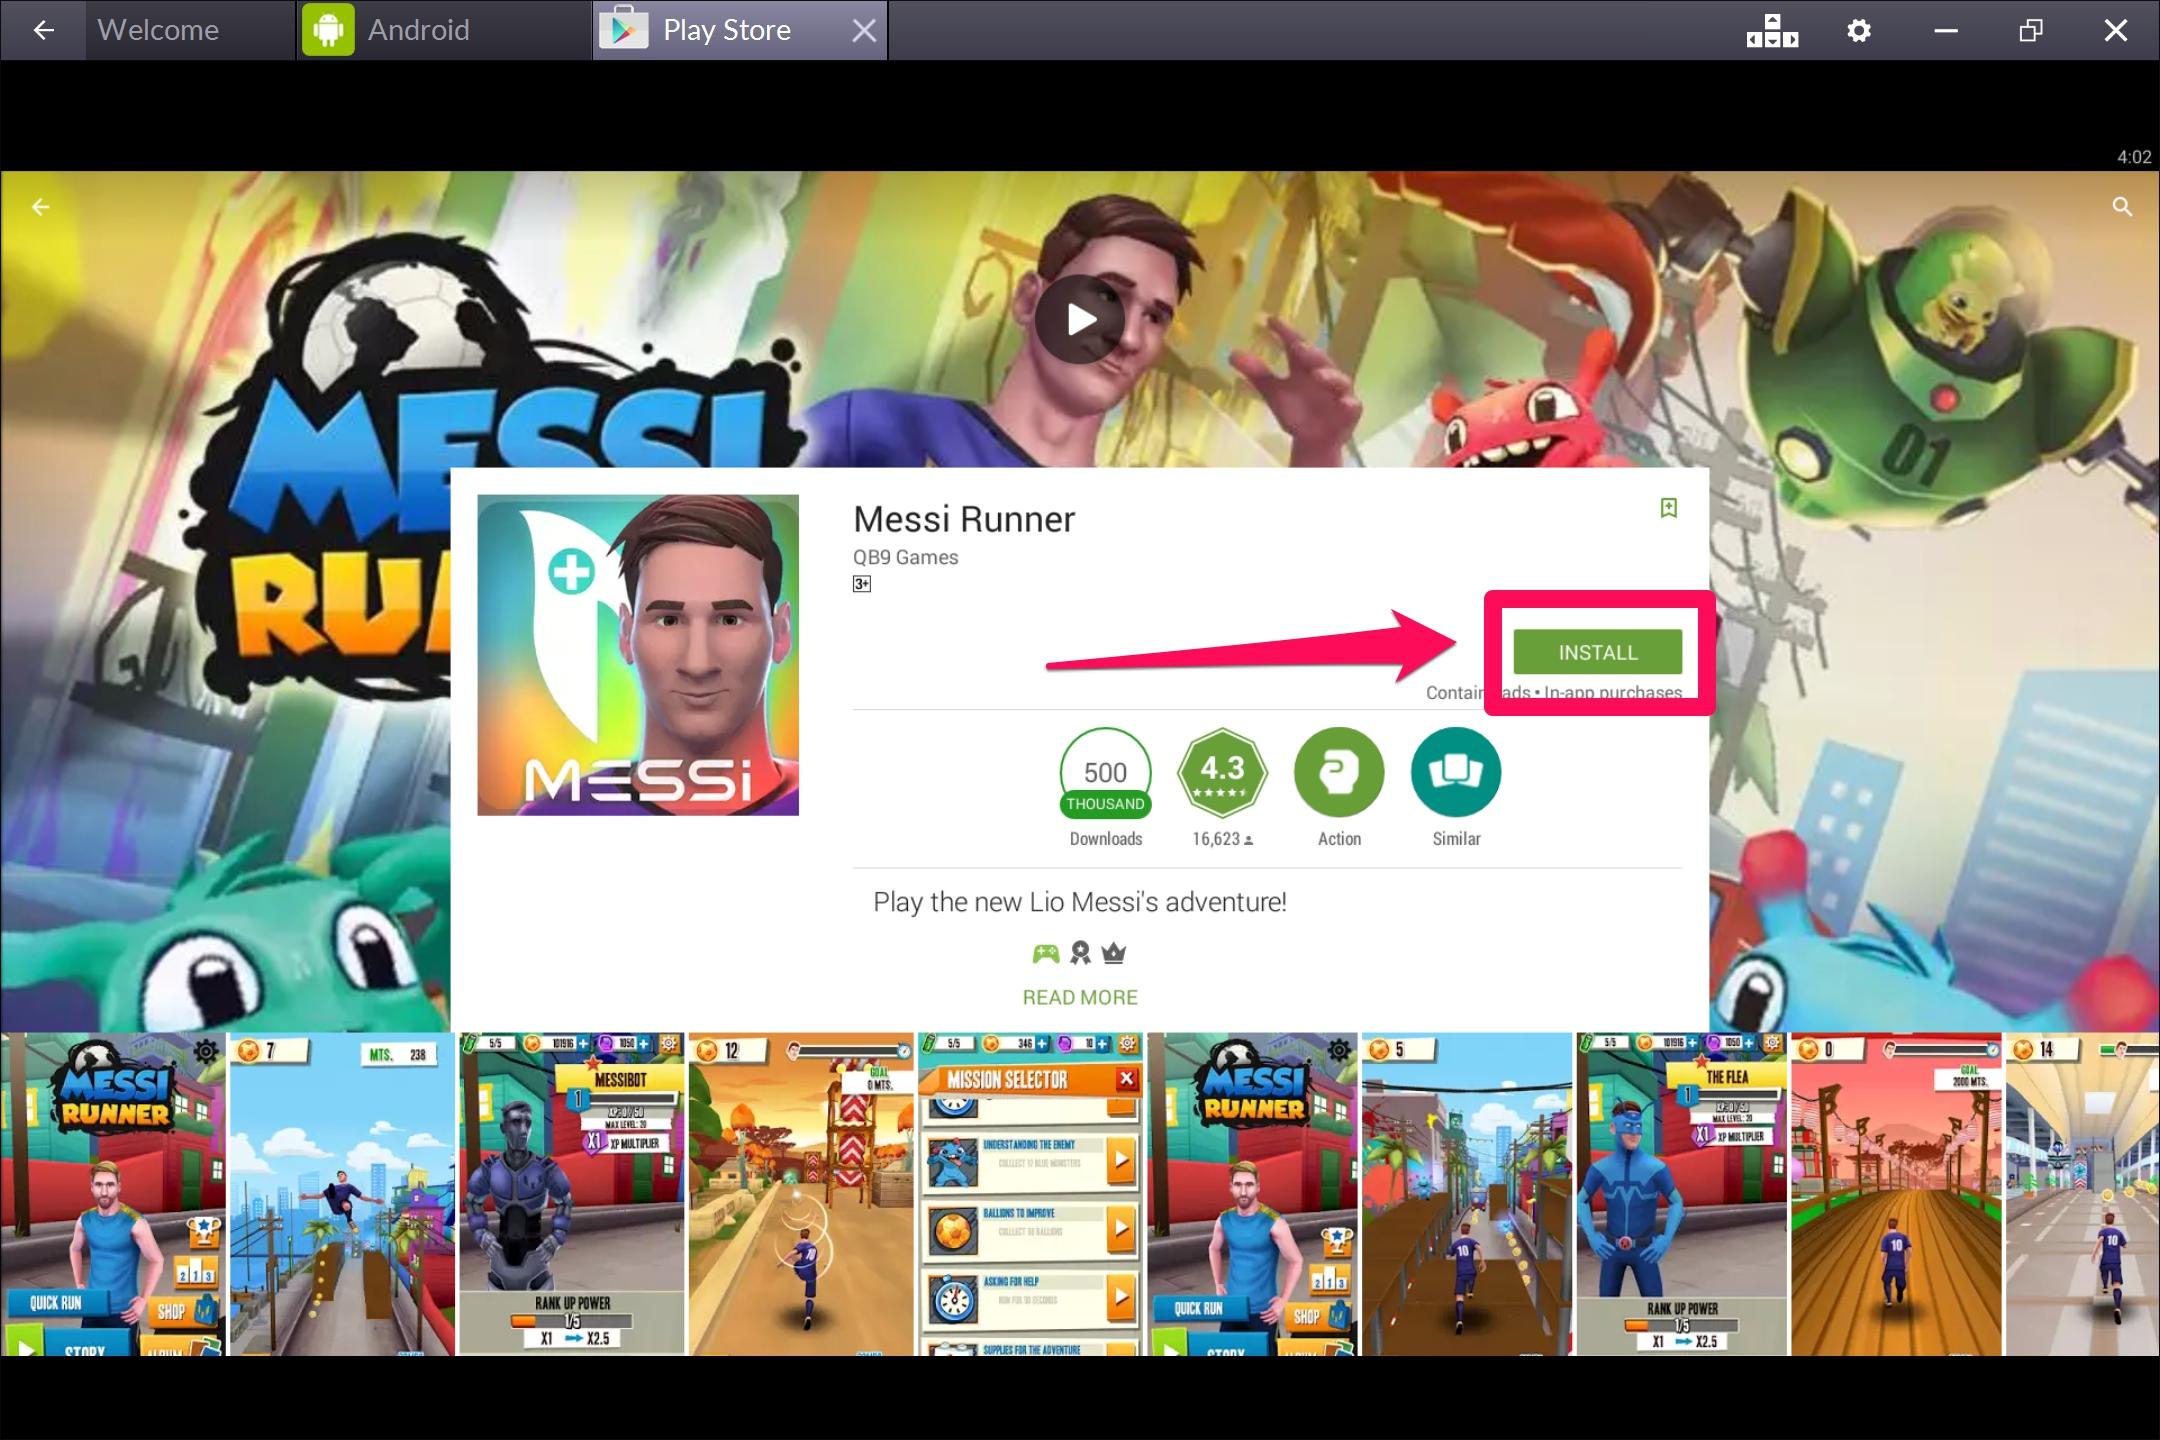 Messi_Runner_For_Windows10_PC